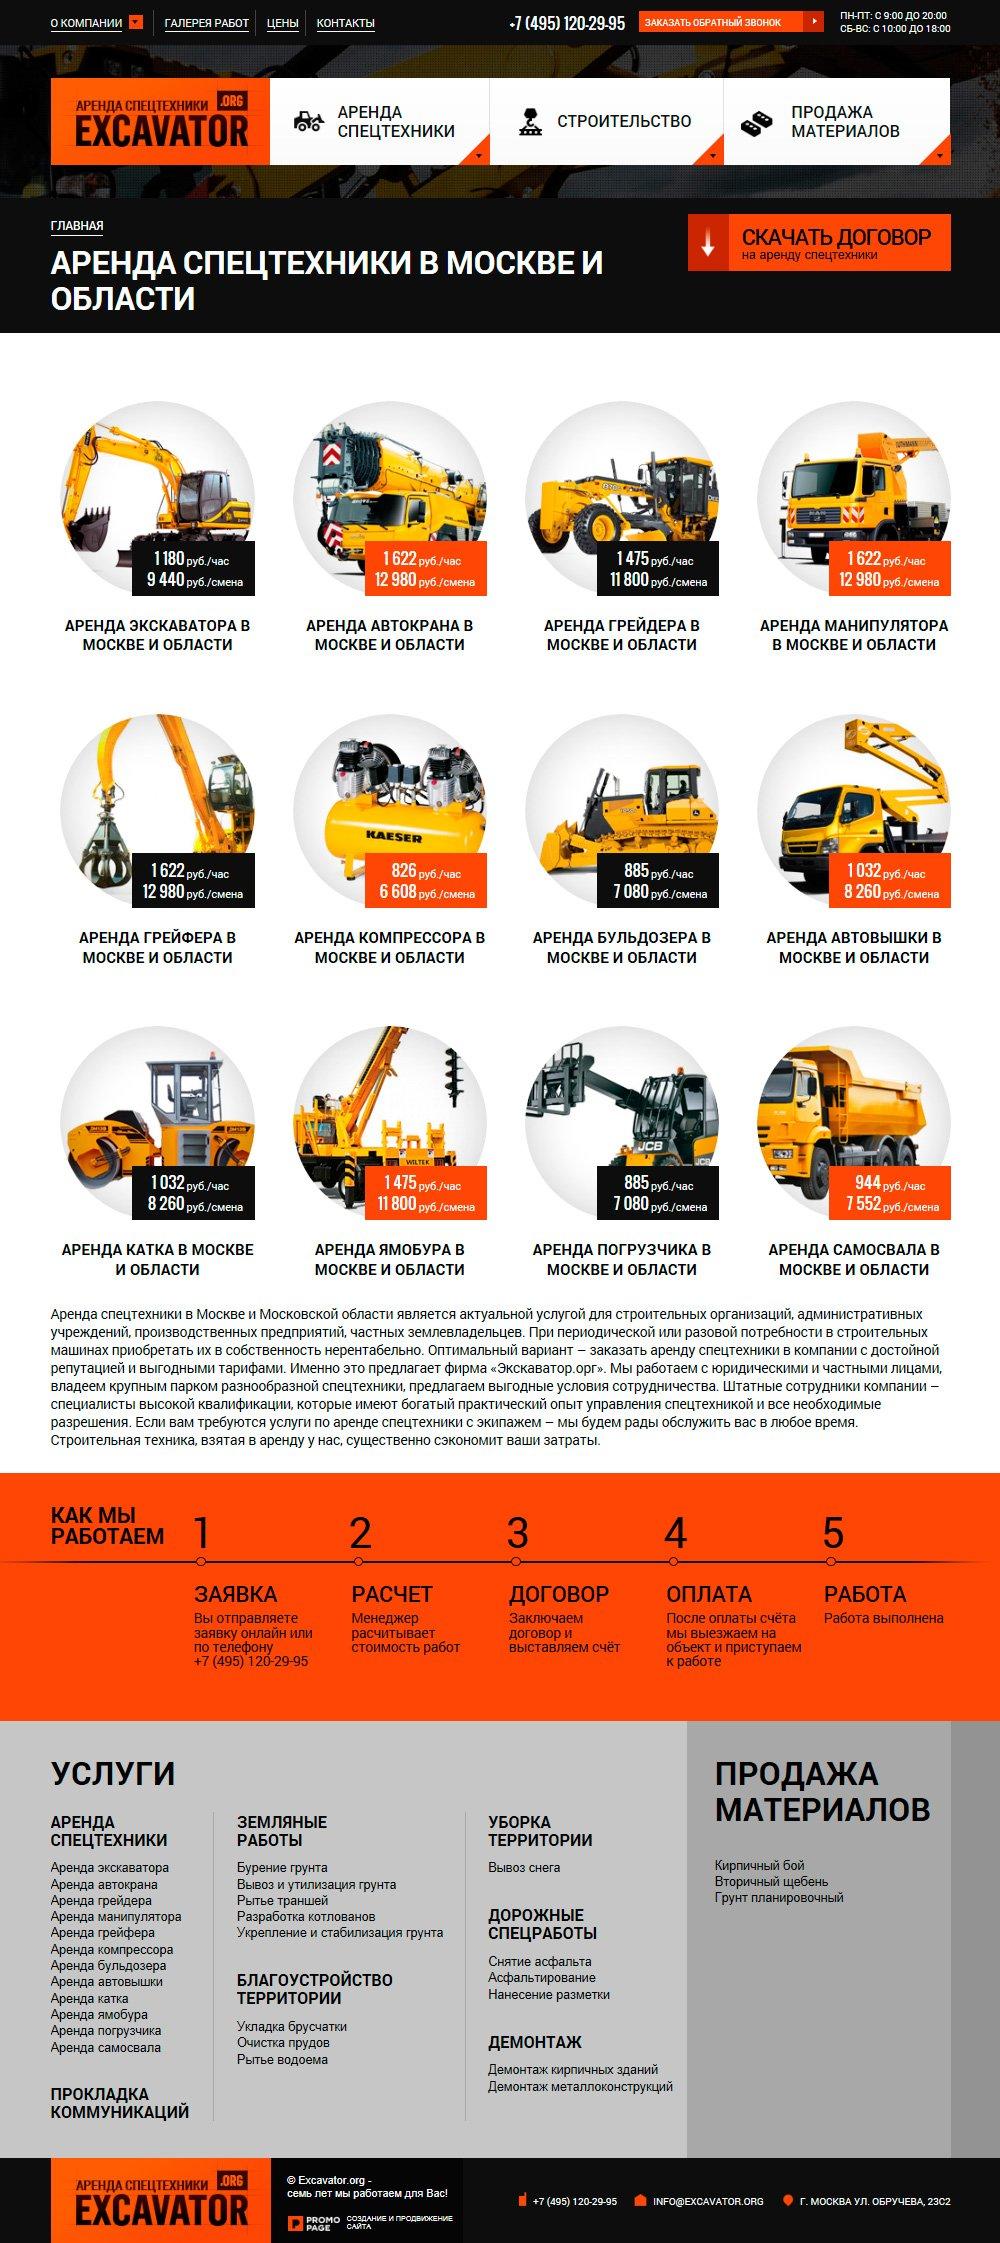 Cтраница аренды спецтехники на сайте строительной компании Excavator.org